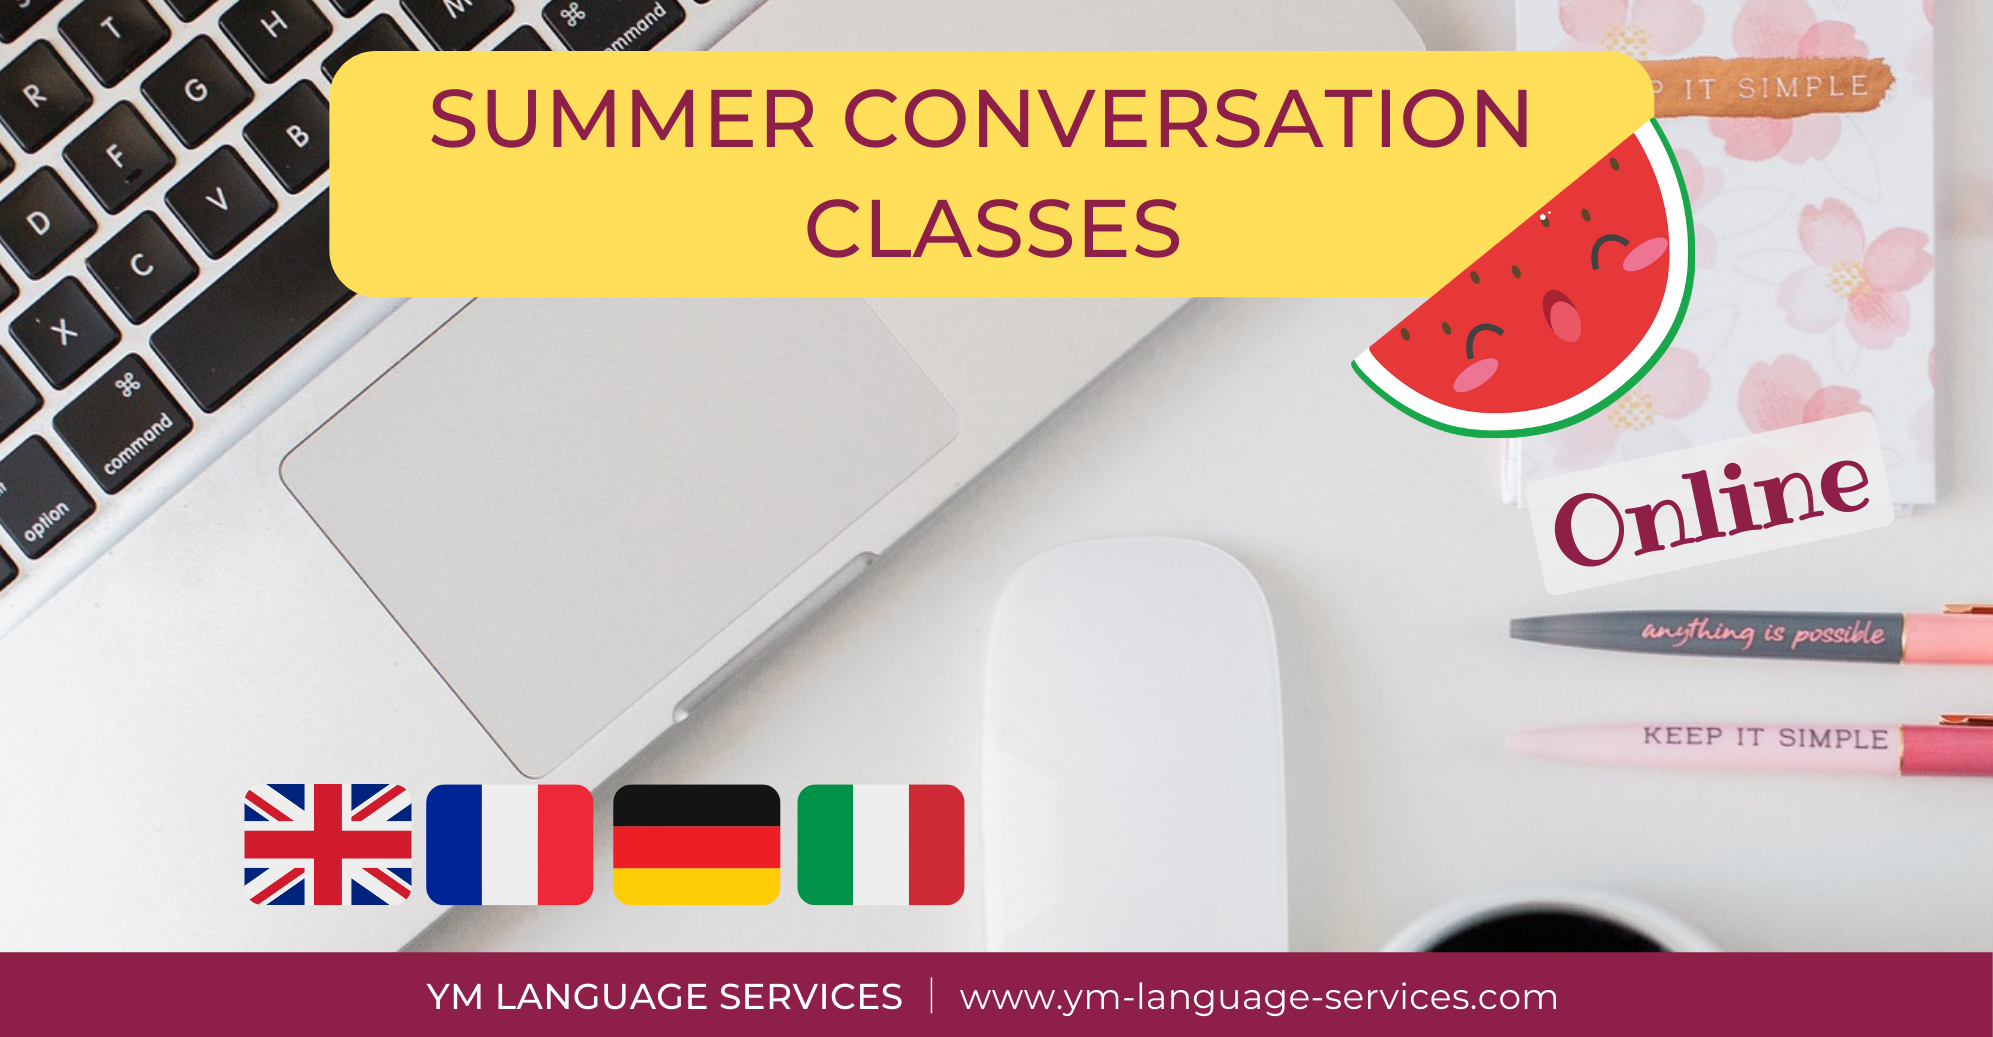 SUMMER CONVERSATION CLASSES website